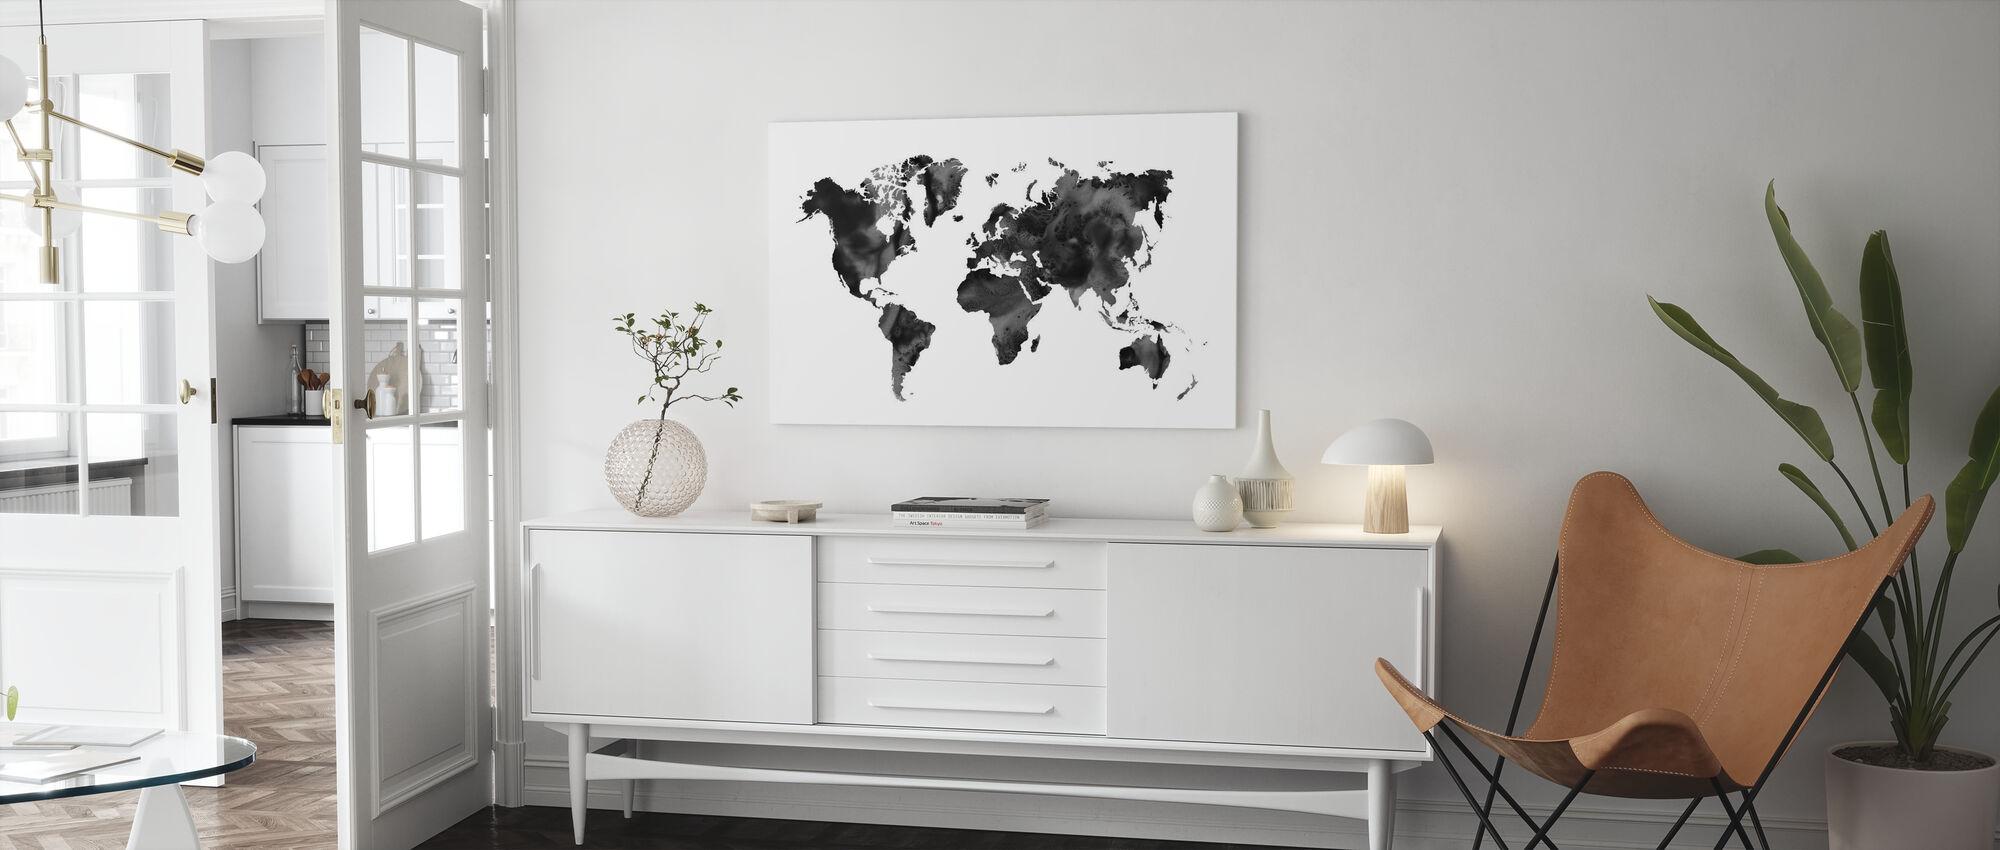 Akvarell verdenskart svart - Lerretsbilde - Stue